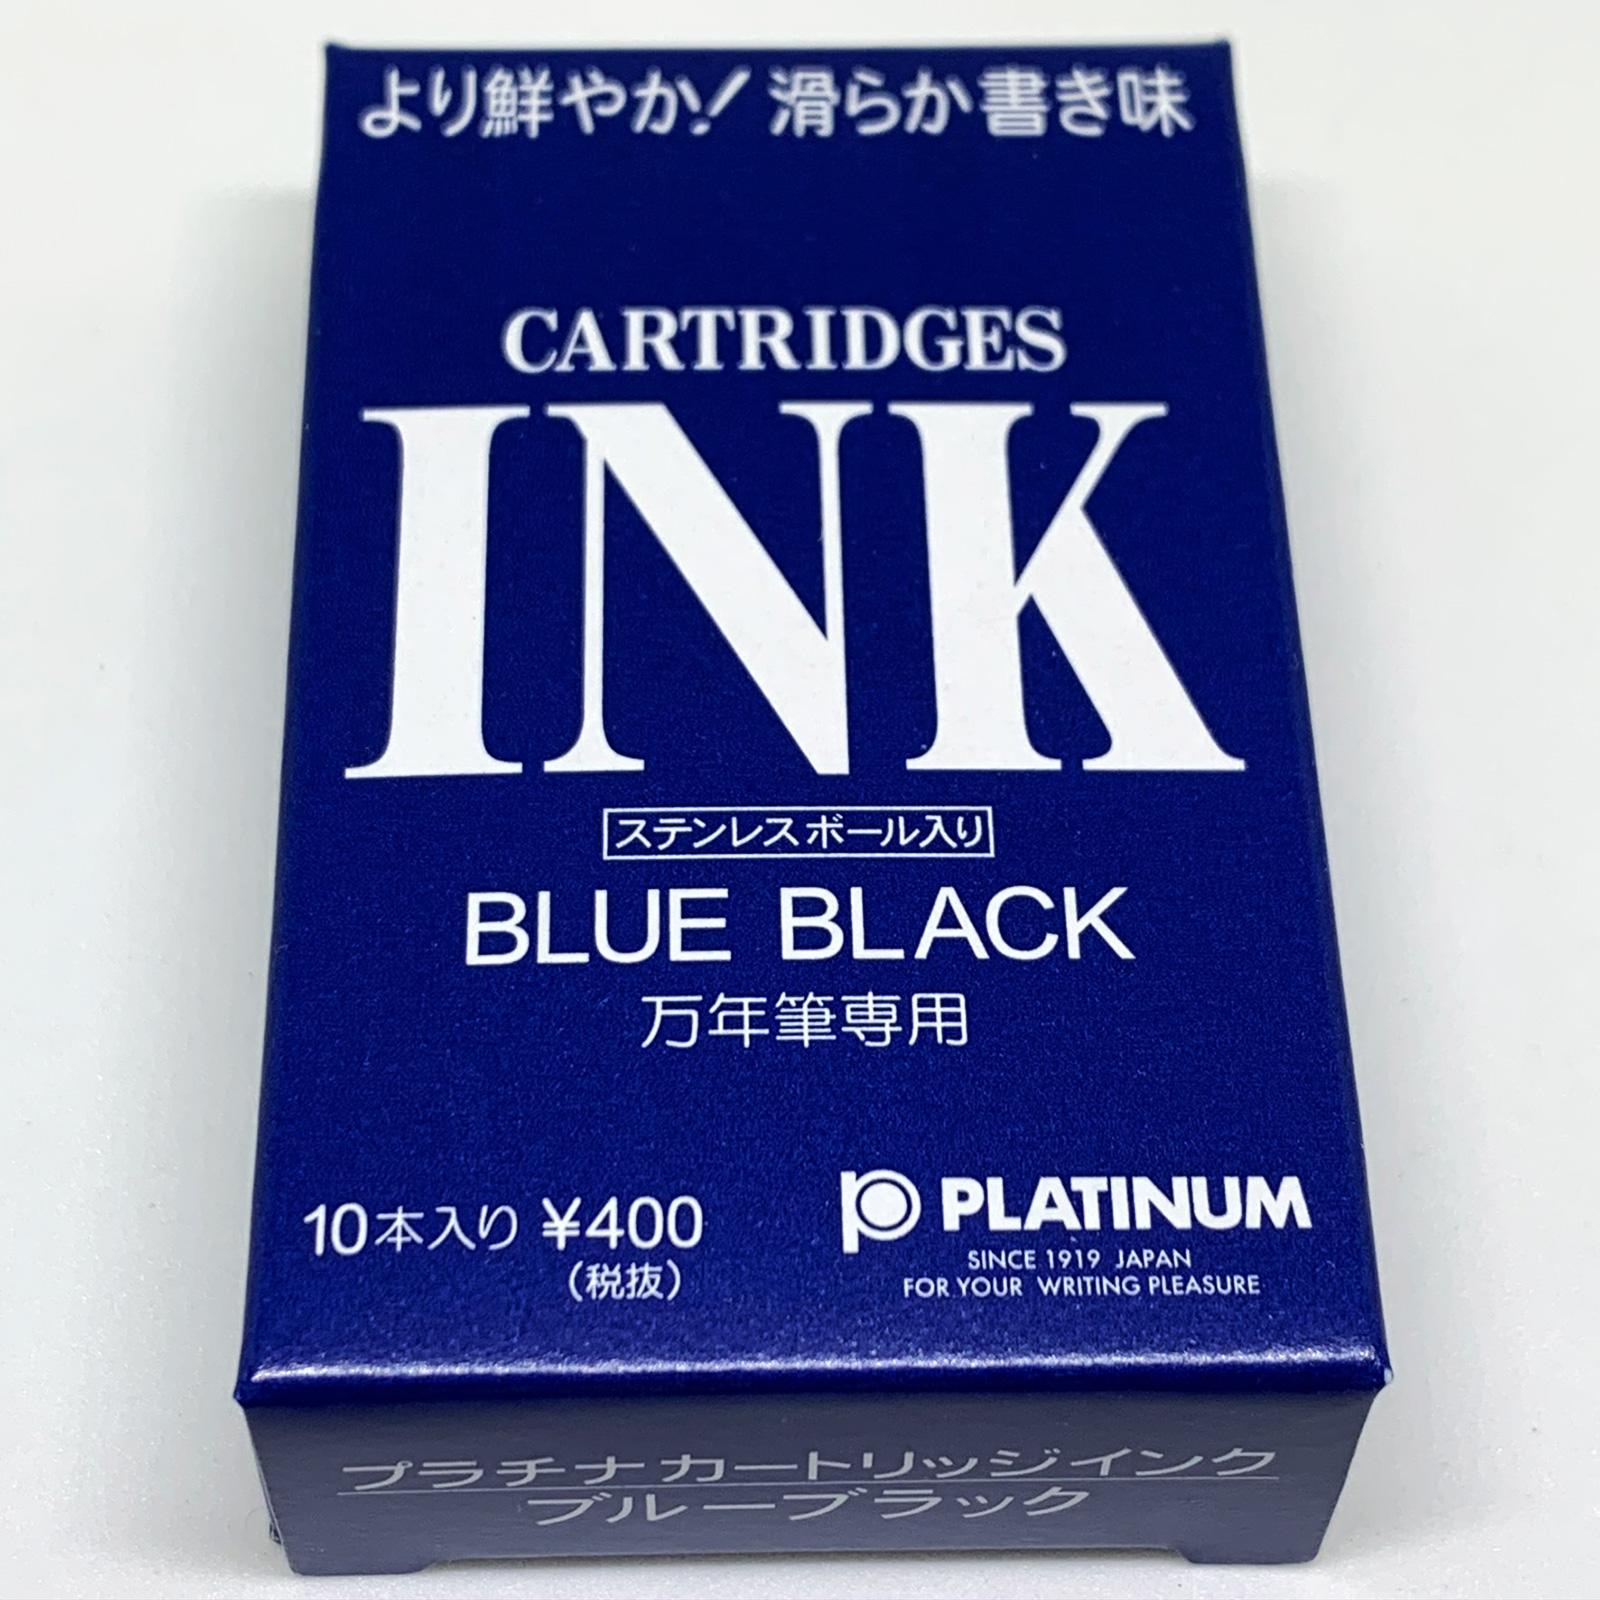 プラチナ万年筆 カートリッジインク ブルーブラック